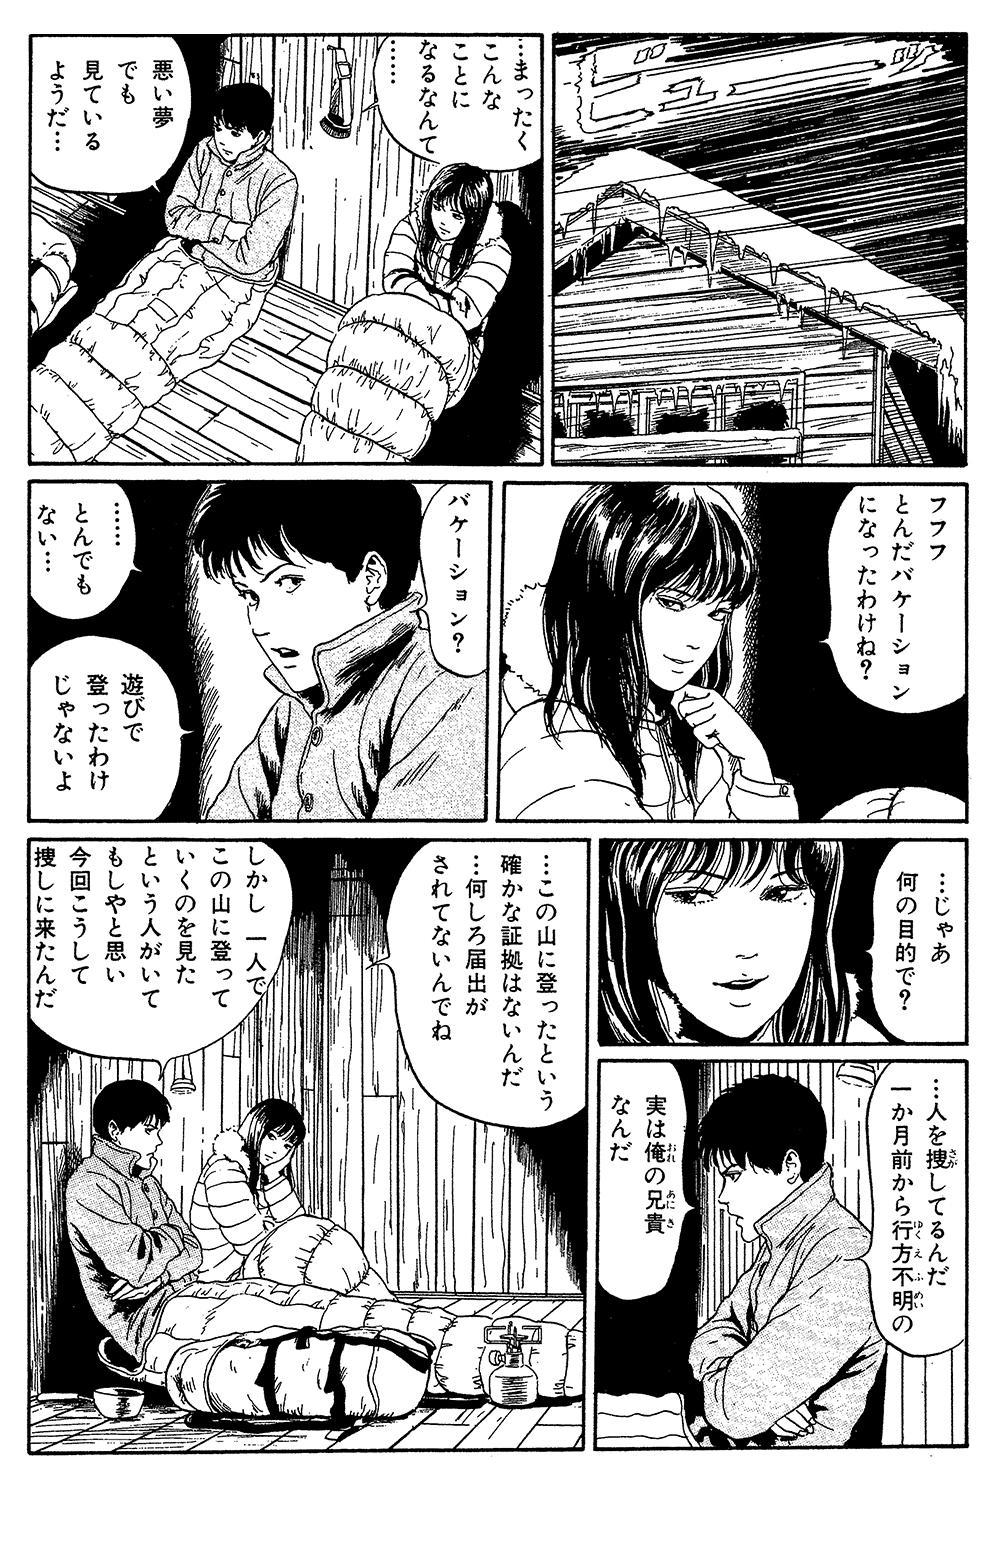 伊藤潤二傑作集 第7話「富江・復讐」2itouj24-0297.jpg